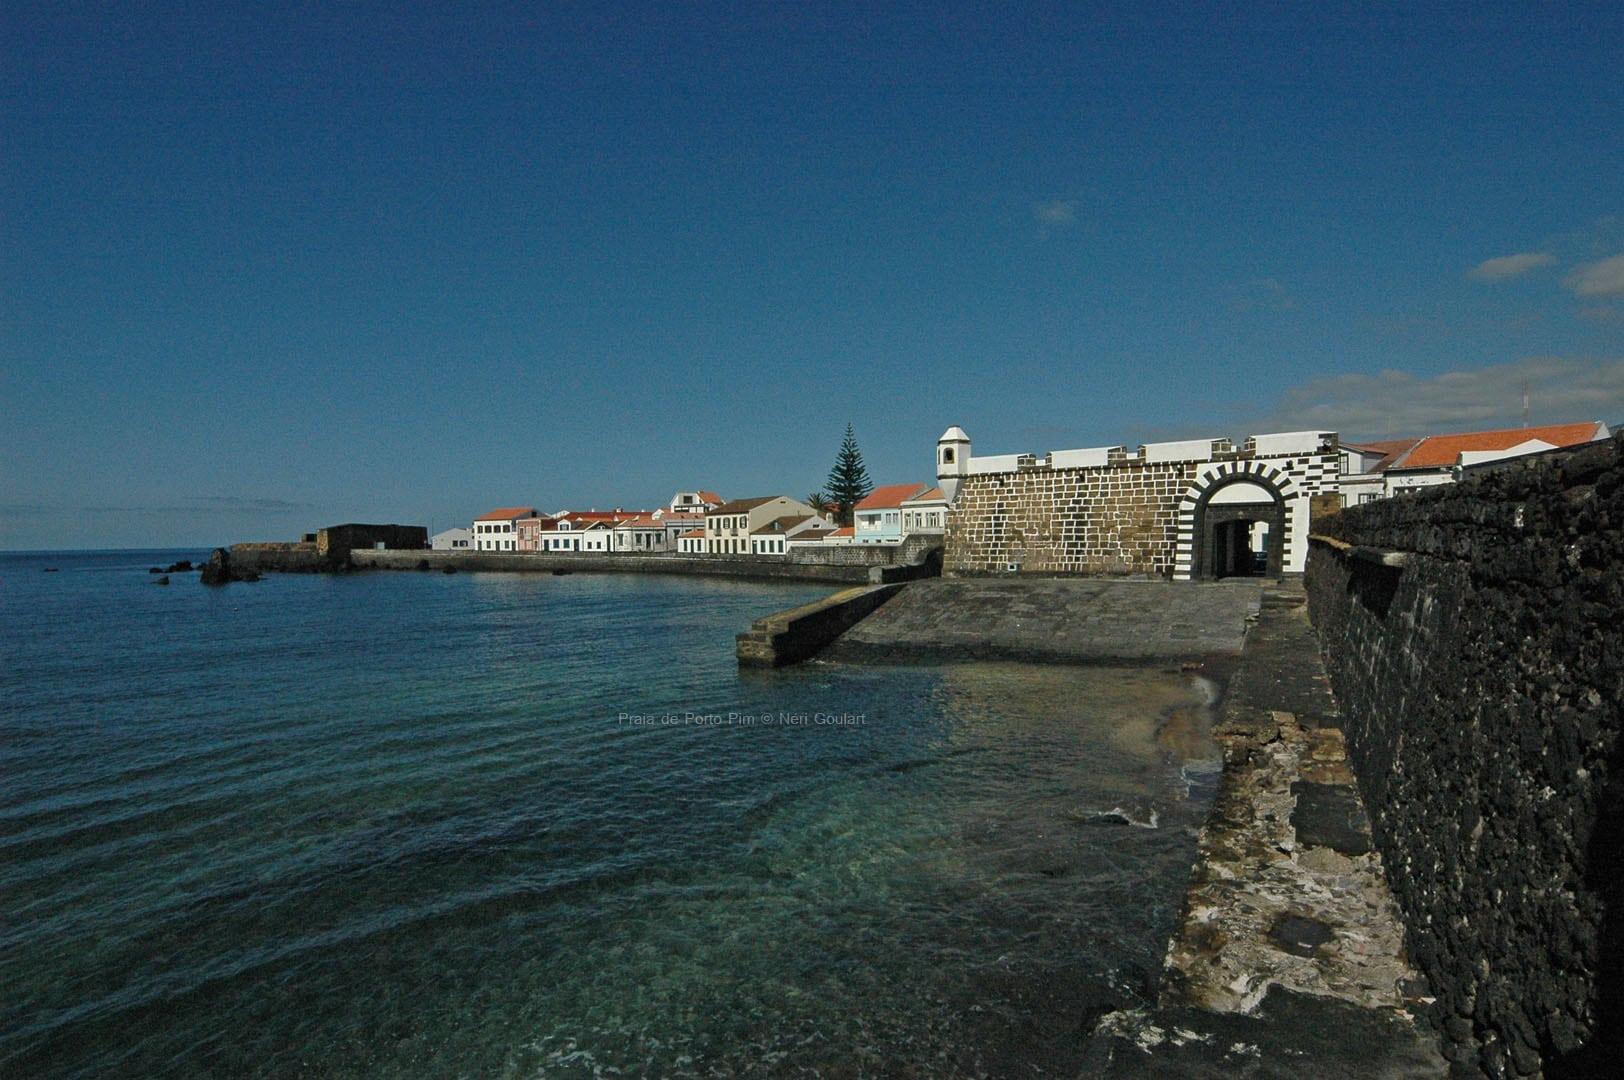 Forte de Porto Pim - Ilha do Faial, Açores